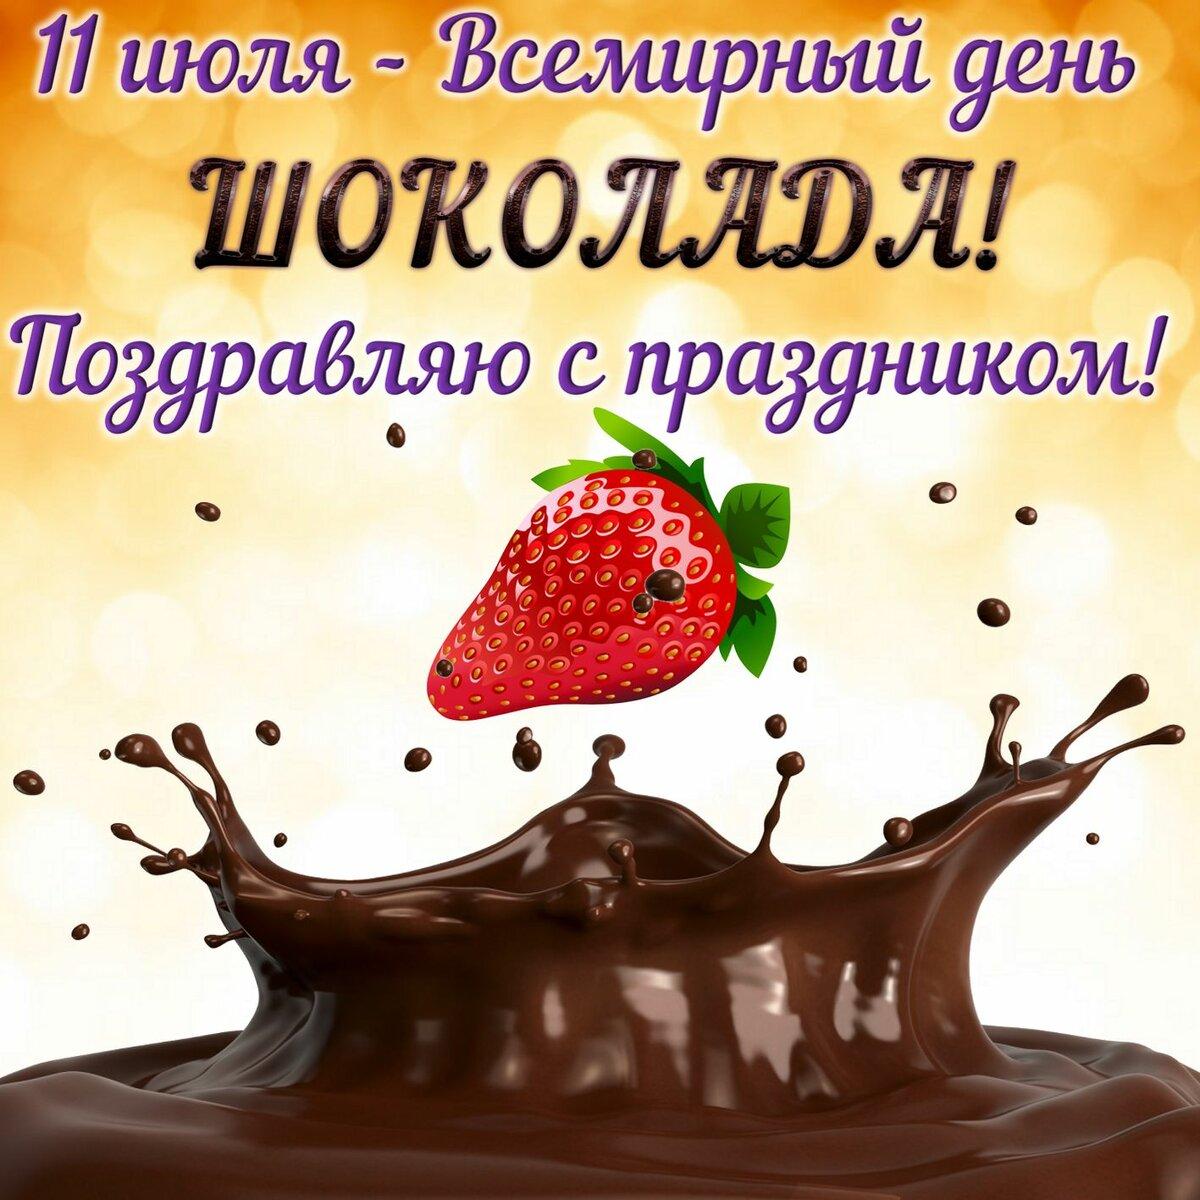 День шоколада картинки прикольные